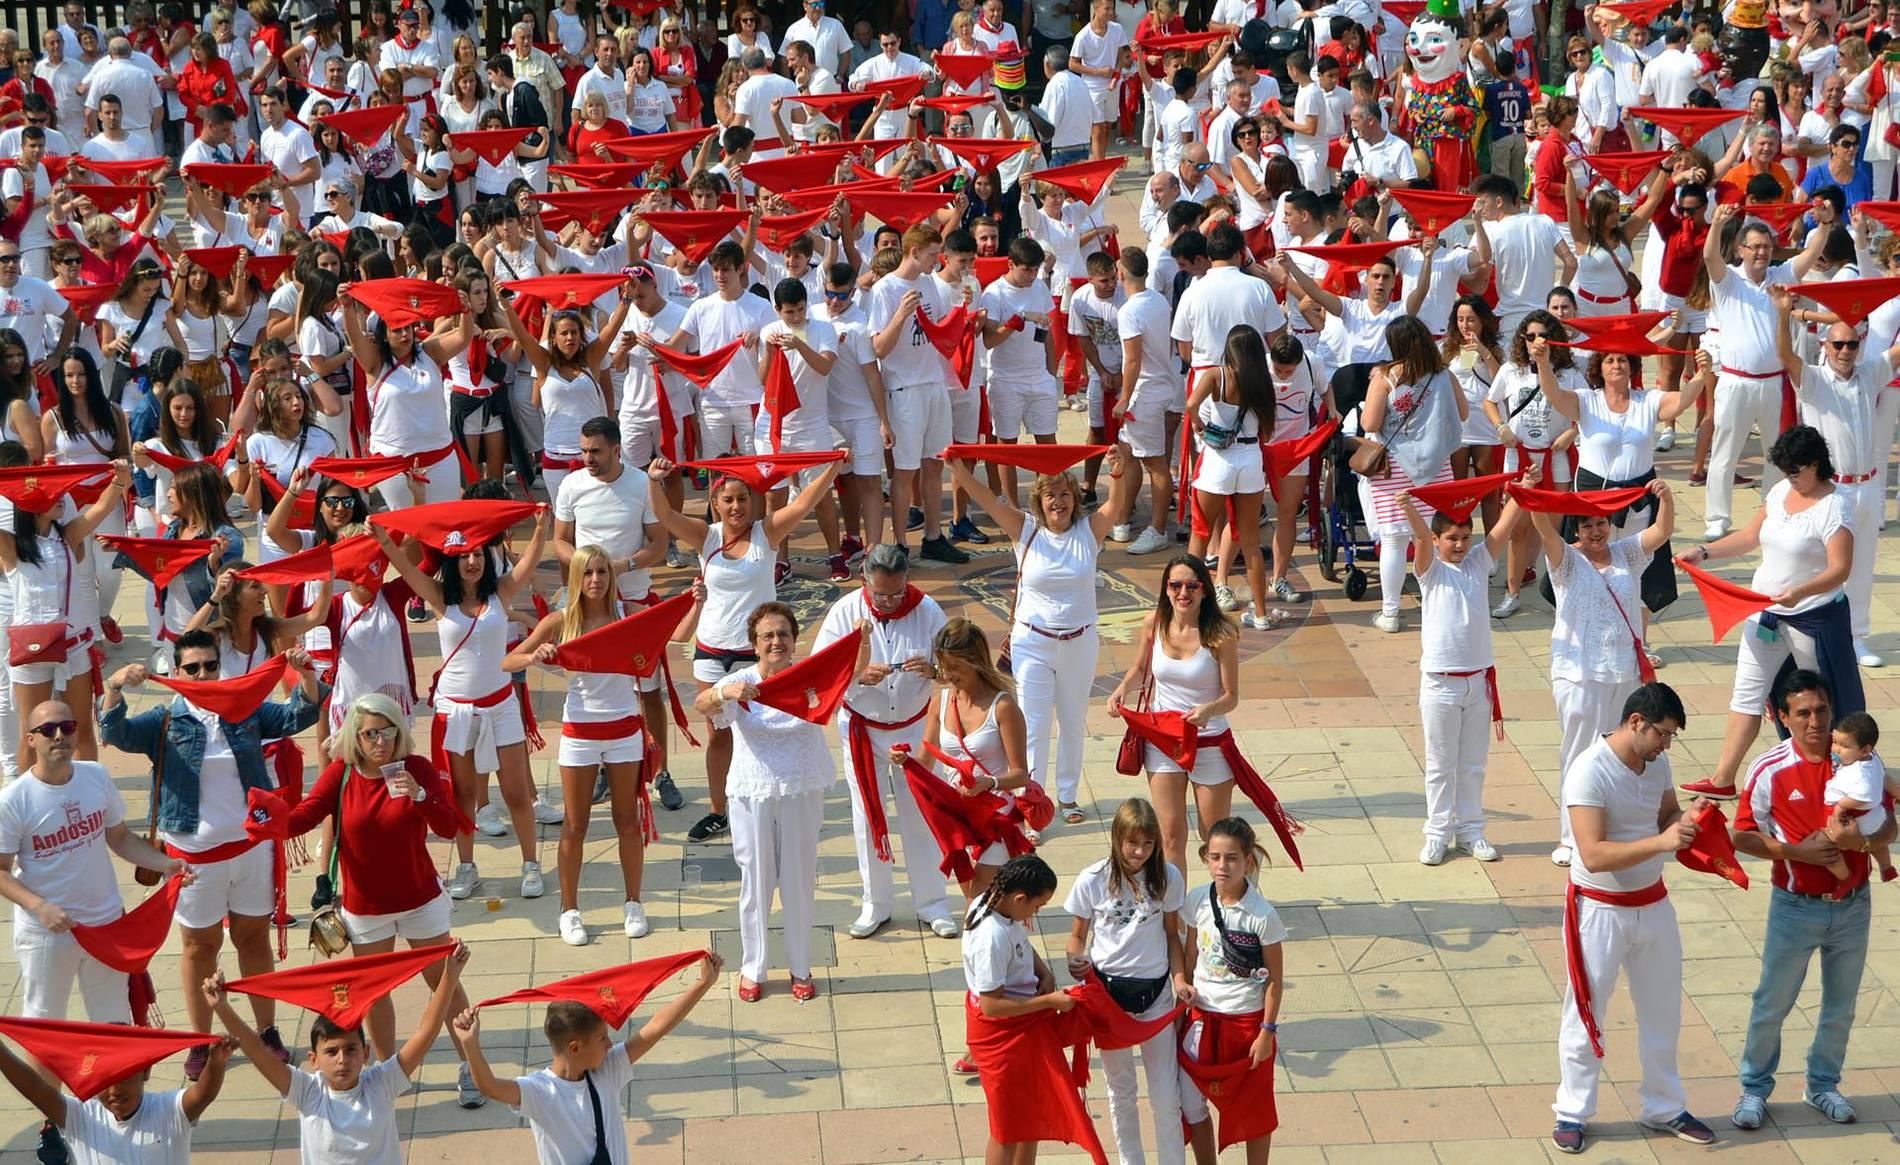 Chupinazo en Andosilla (1/10) - Imágenes de las fiestas de Andosilla 2017 - Tierra Estella -